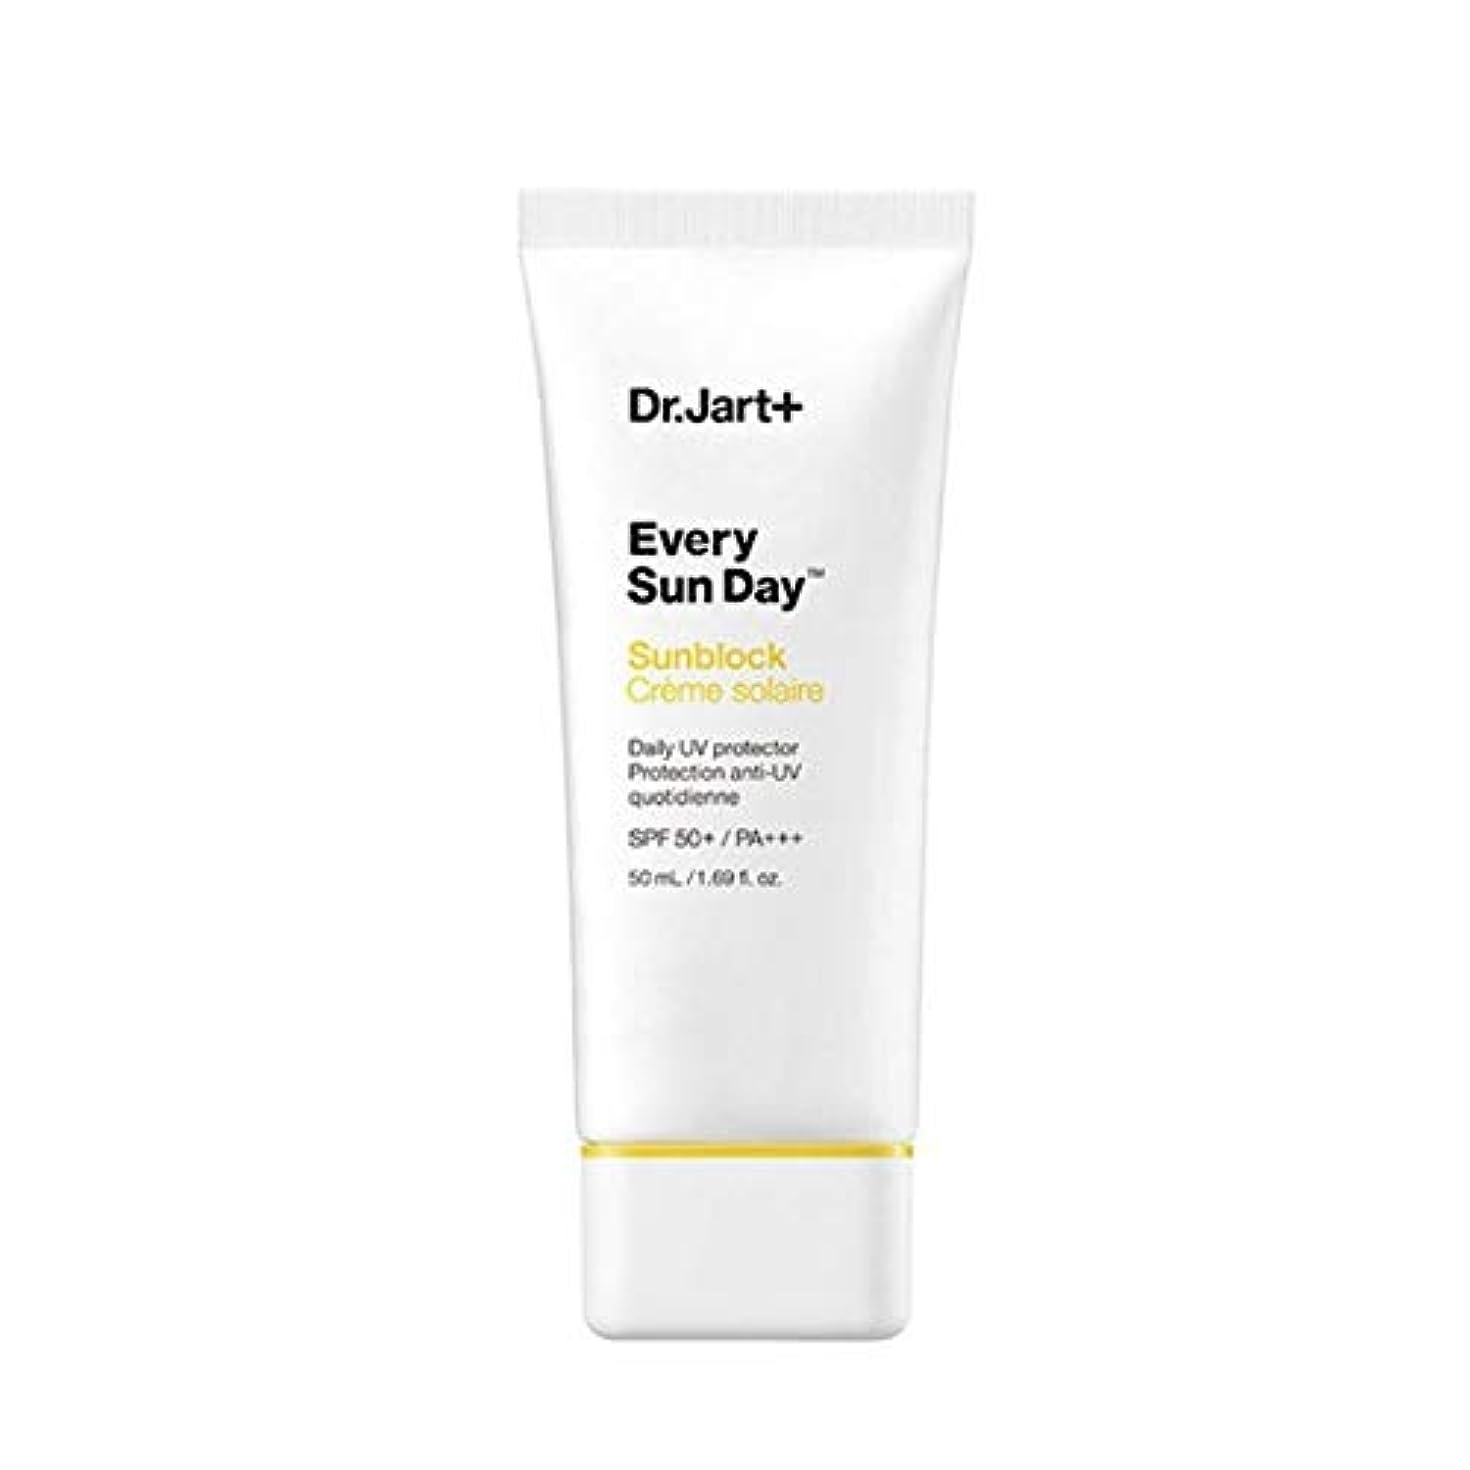 寝具ポンプ嘆くドクタージャルトゥエブリサンデーサンブロック50mlサンクリーム韓国コスメ、Dr.Jart Every Sun Day Sun Block 50ml Sun Cream Korean Cosmetics [並行輸入品]